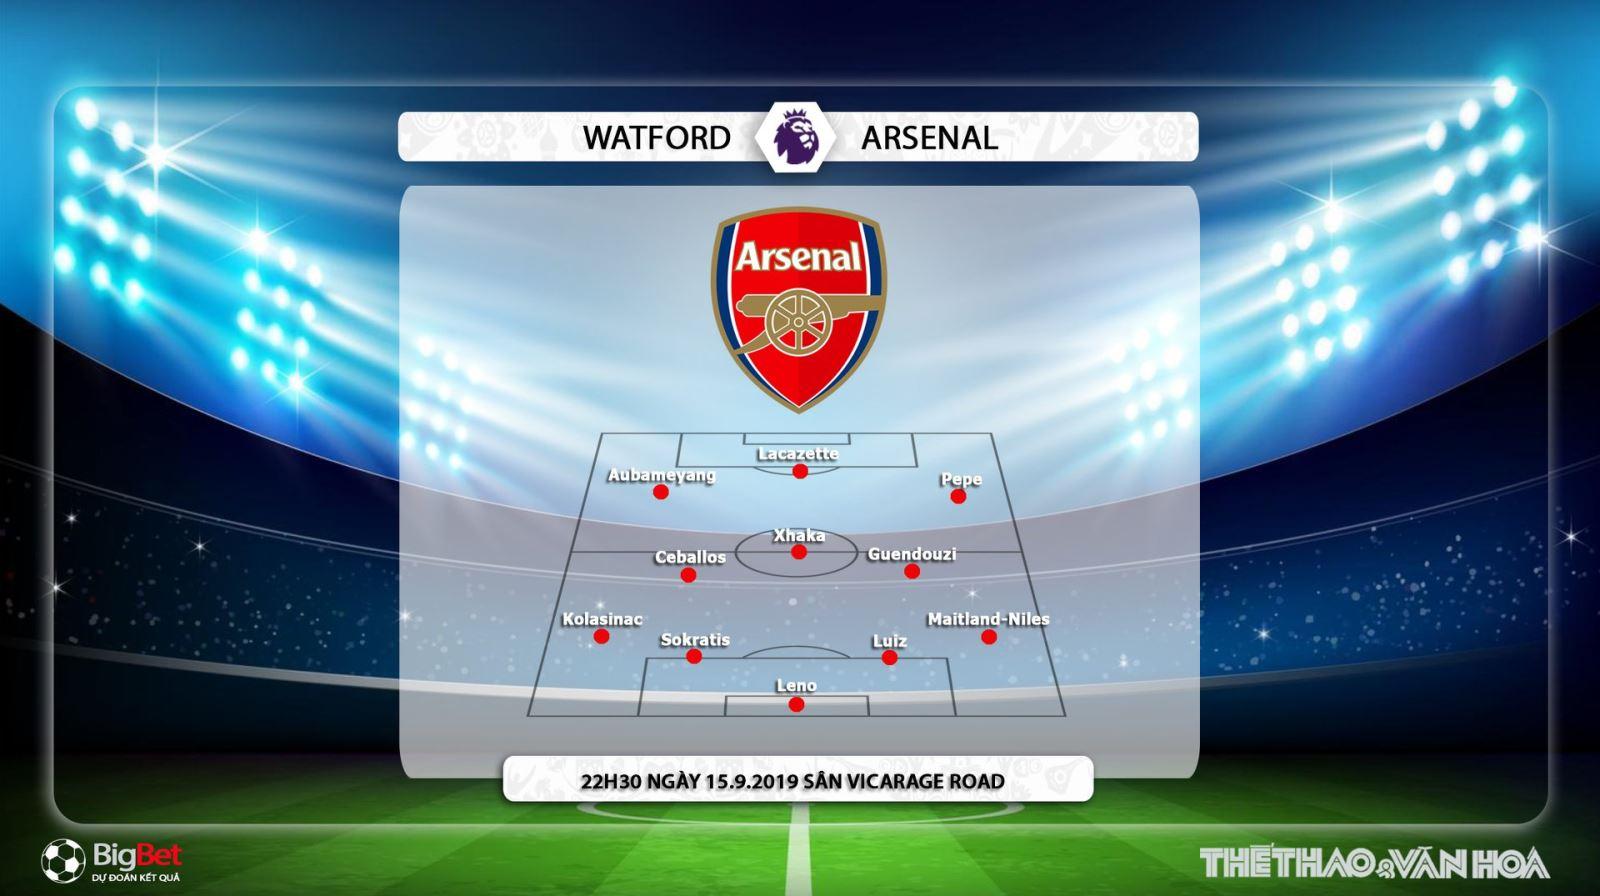 K+, K+PM, soi kèo bóng đá, Watford vs Arsenal, truc tiep bong da hôm nay, Watford vs Arsenal, trực tiếp bóng đá, xem bong da truc tuyen, bong da, Ngoai hang anh